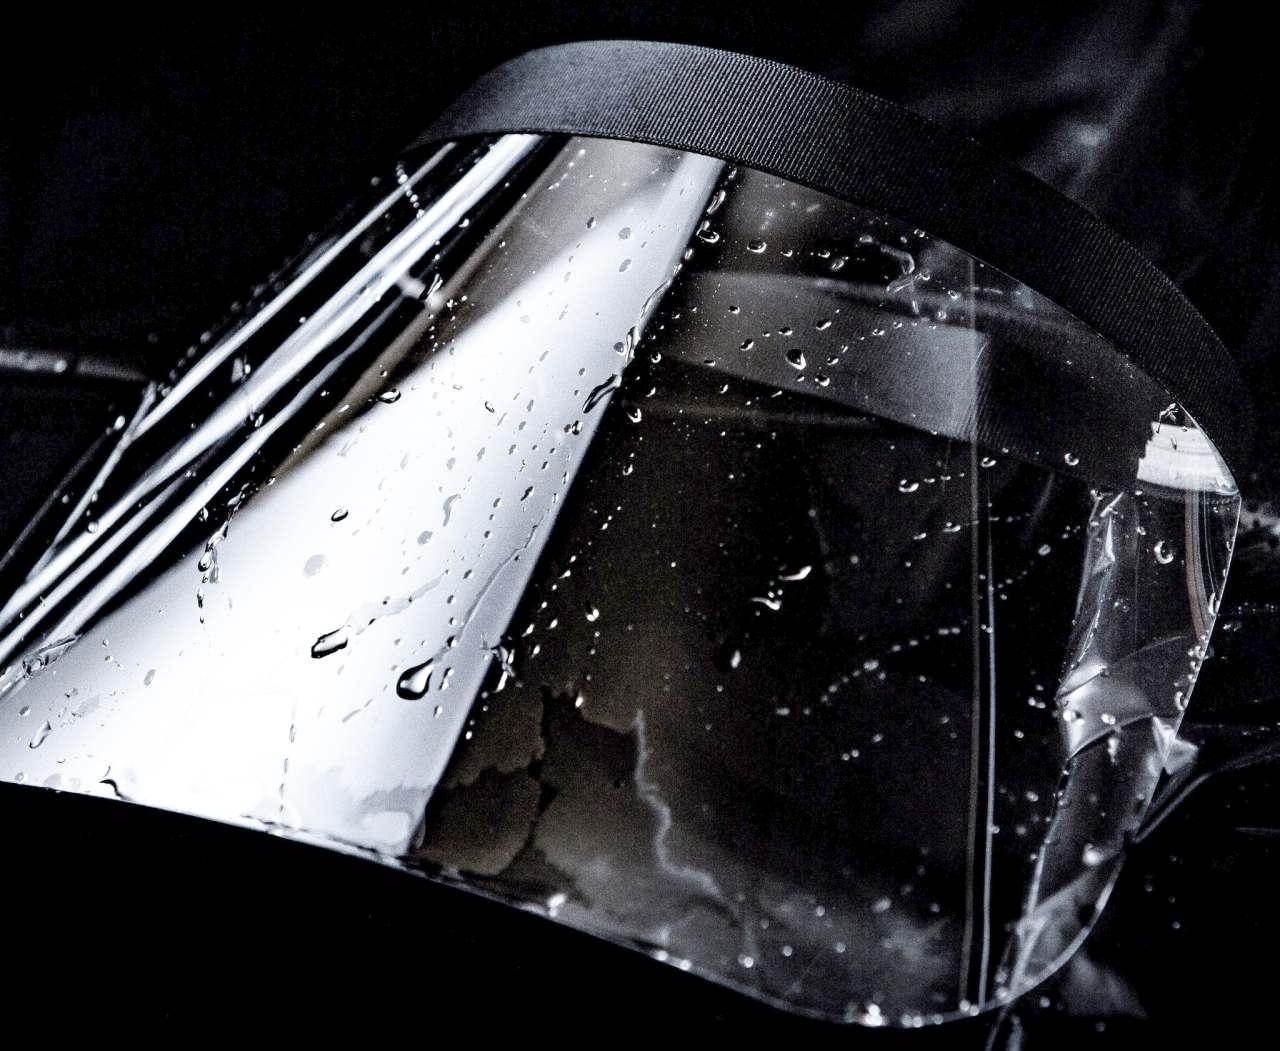 メイクを落とさずシャワーを浴びられる「ShowrShield」